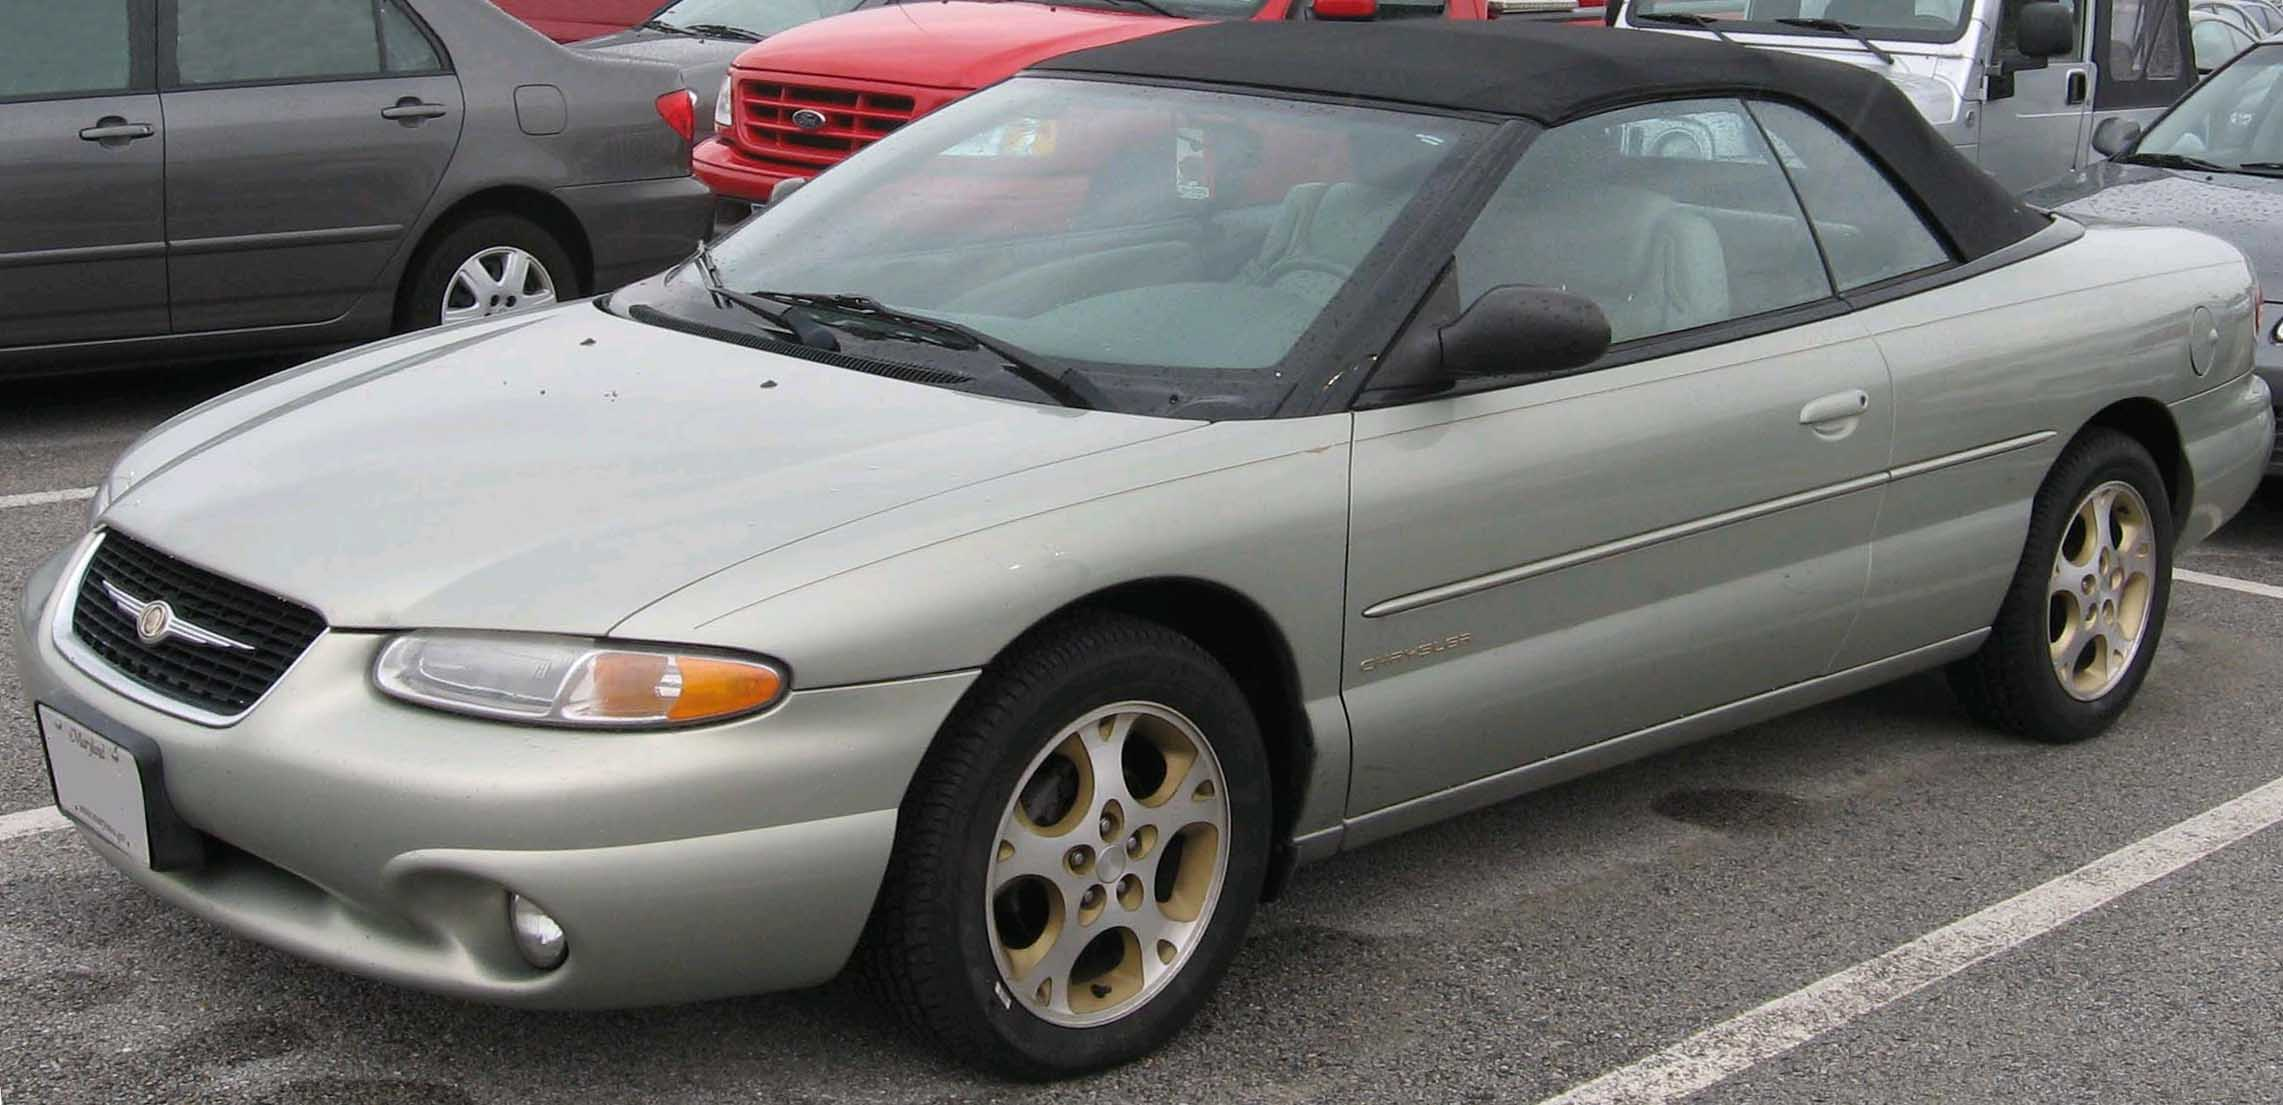 Chrysler >> 2000 CHRYSLER SEBRING - Image #8